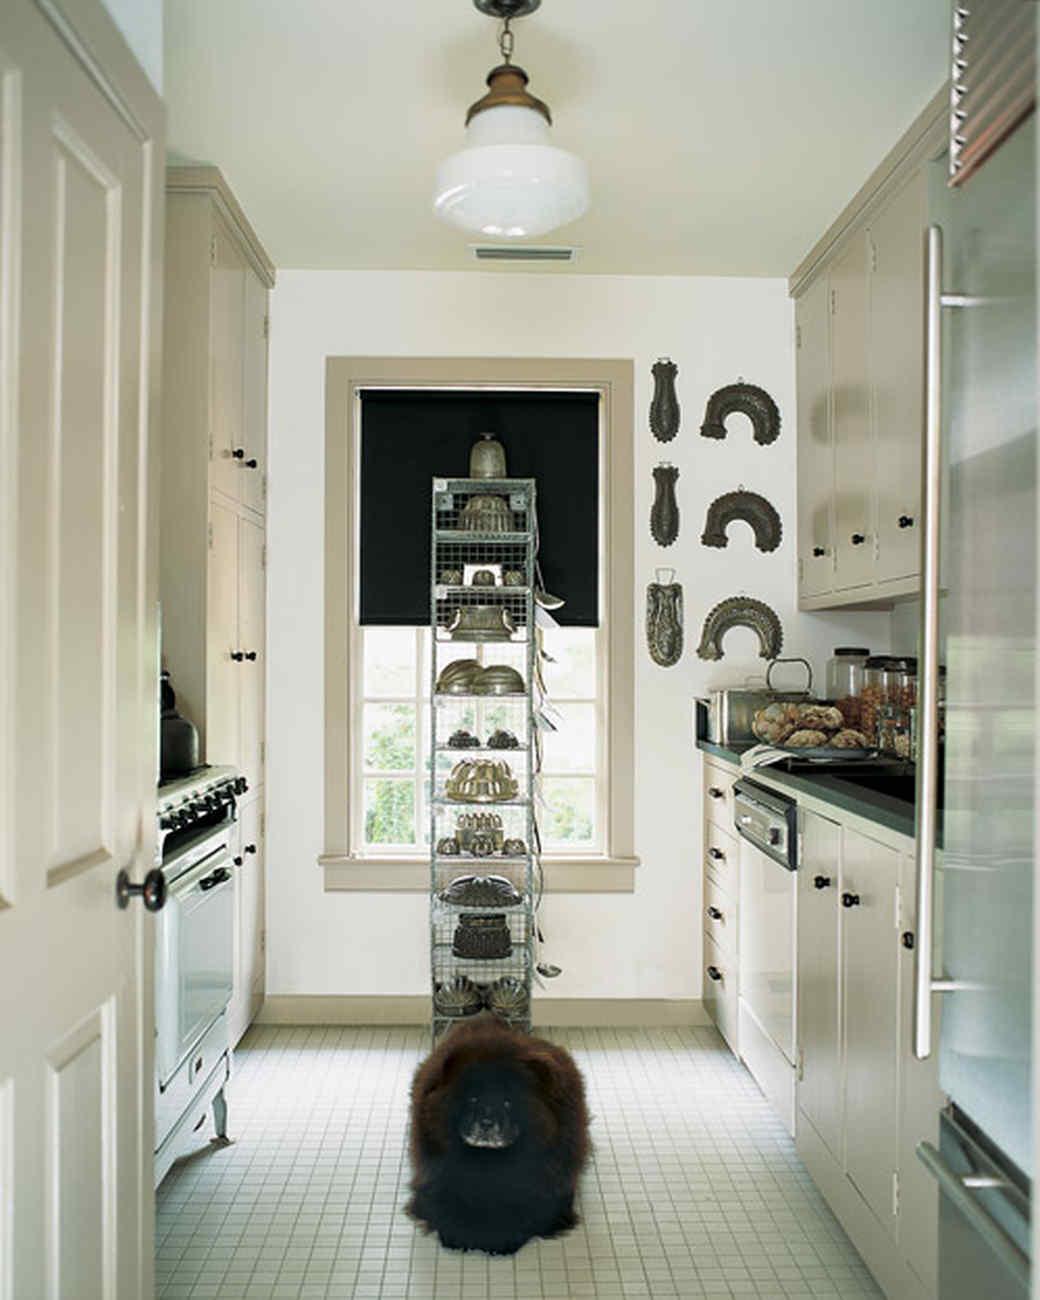 msl_0901_kitchen.jpg